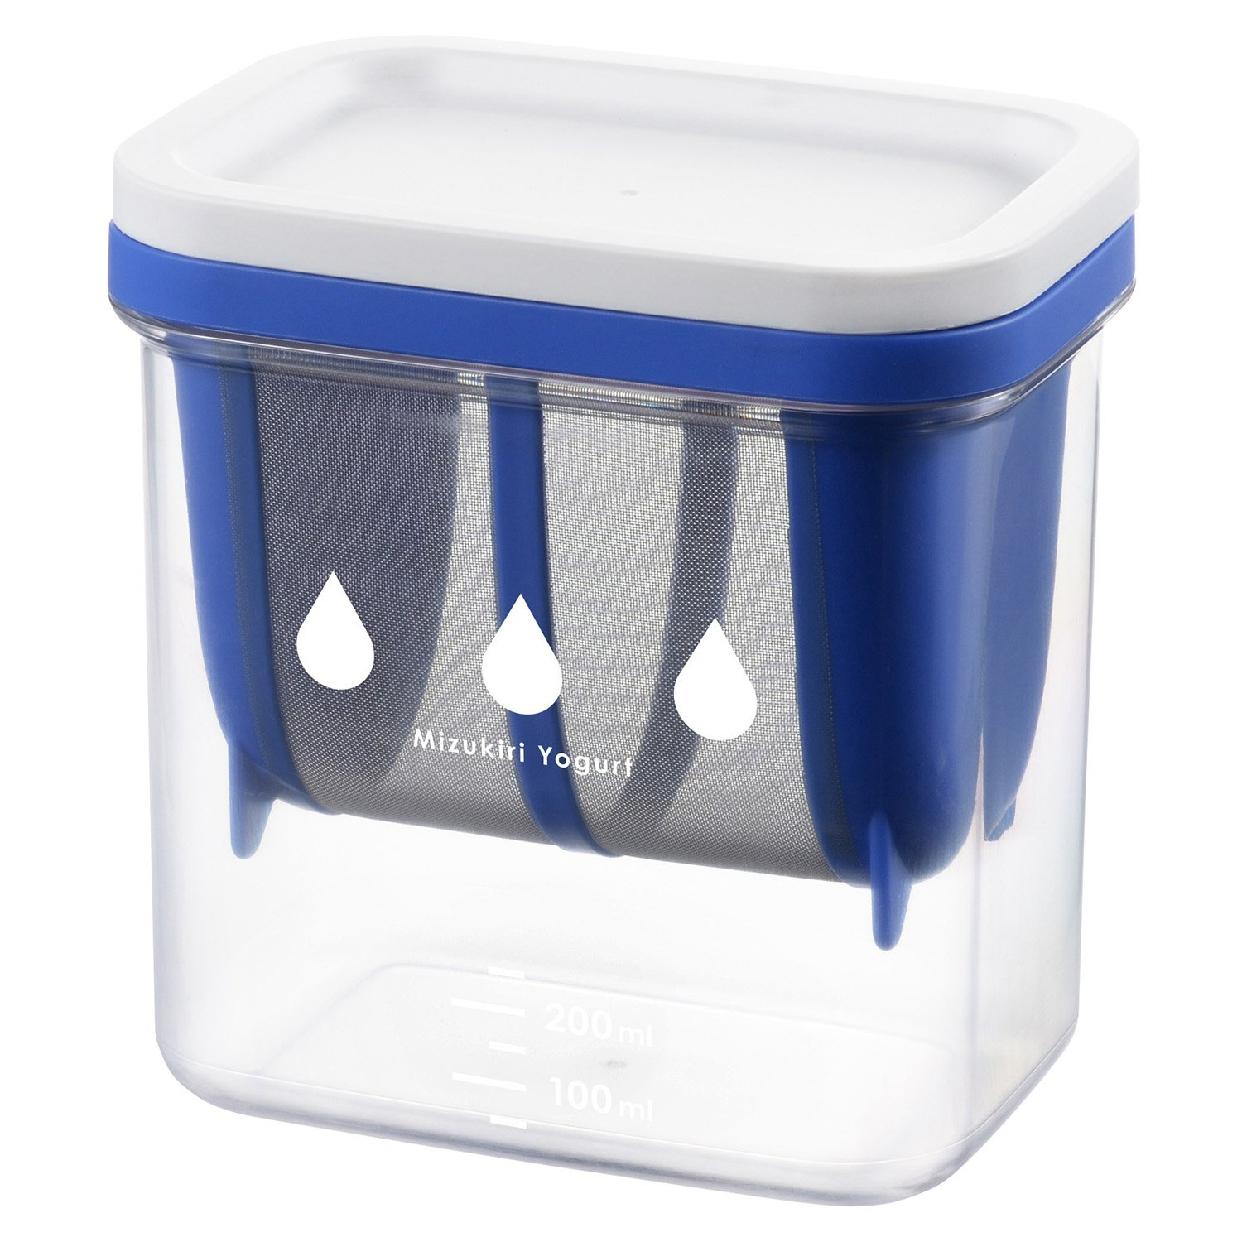 AKEBONO(アケボノ)水切りヨーグルトができる容器 ST-3000 ブルーの商品画像3